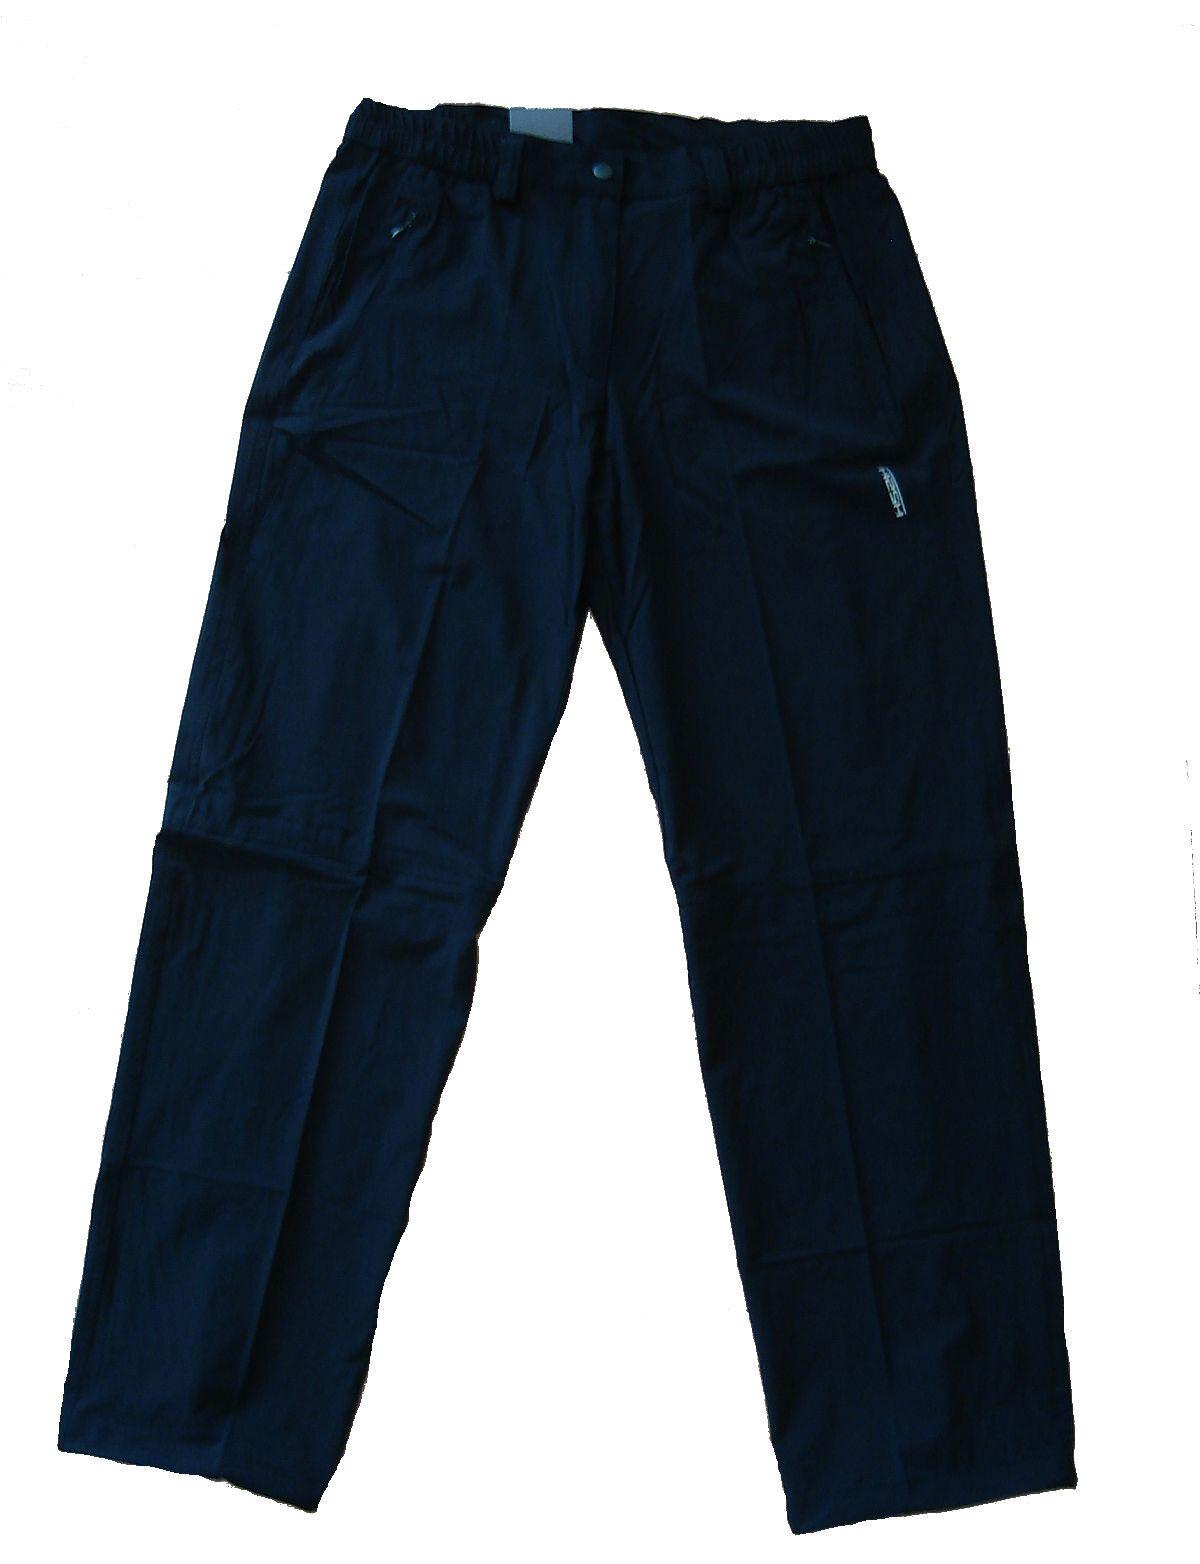 Hot Sportswear Damen Wanderhose Bristol ultraleichte Hose Travelhose Travelhose Travelhose N+K-Größen 07d89c